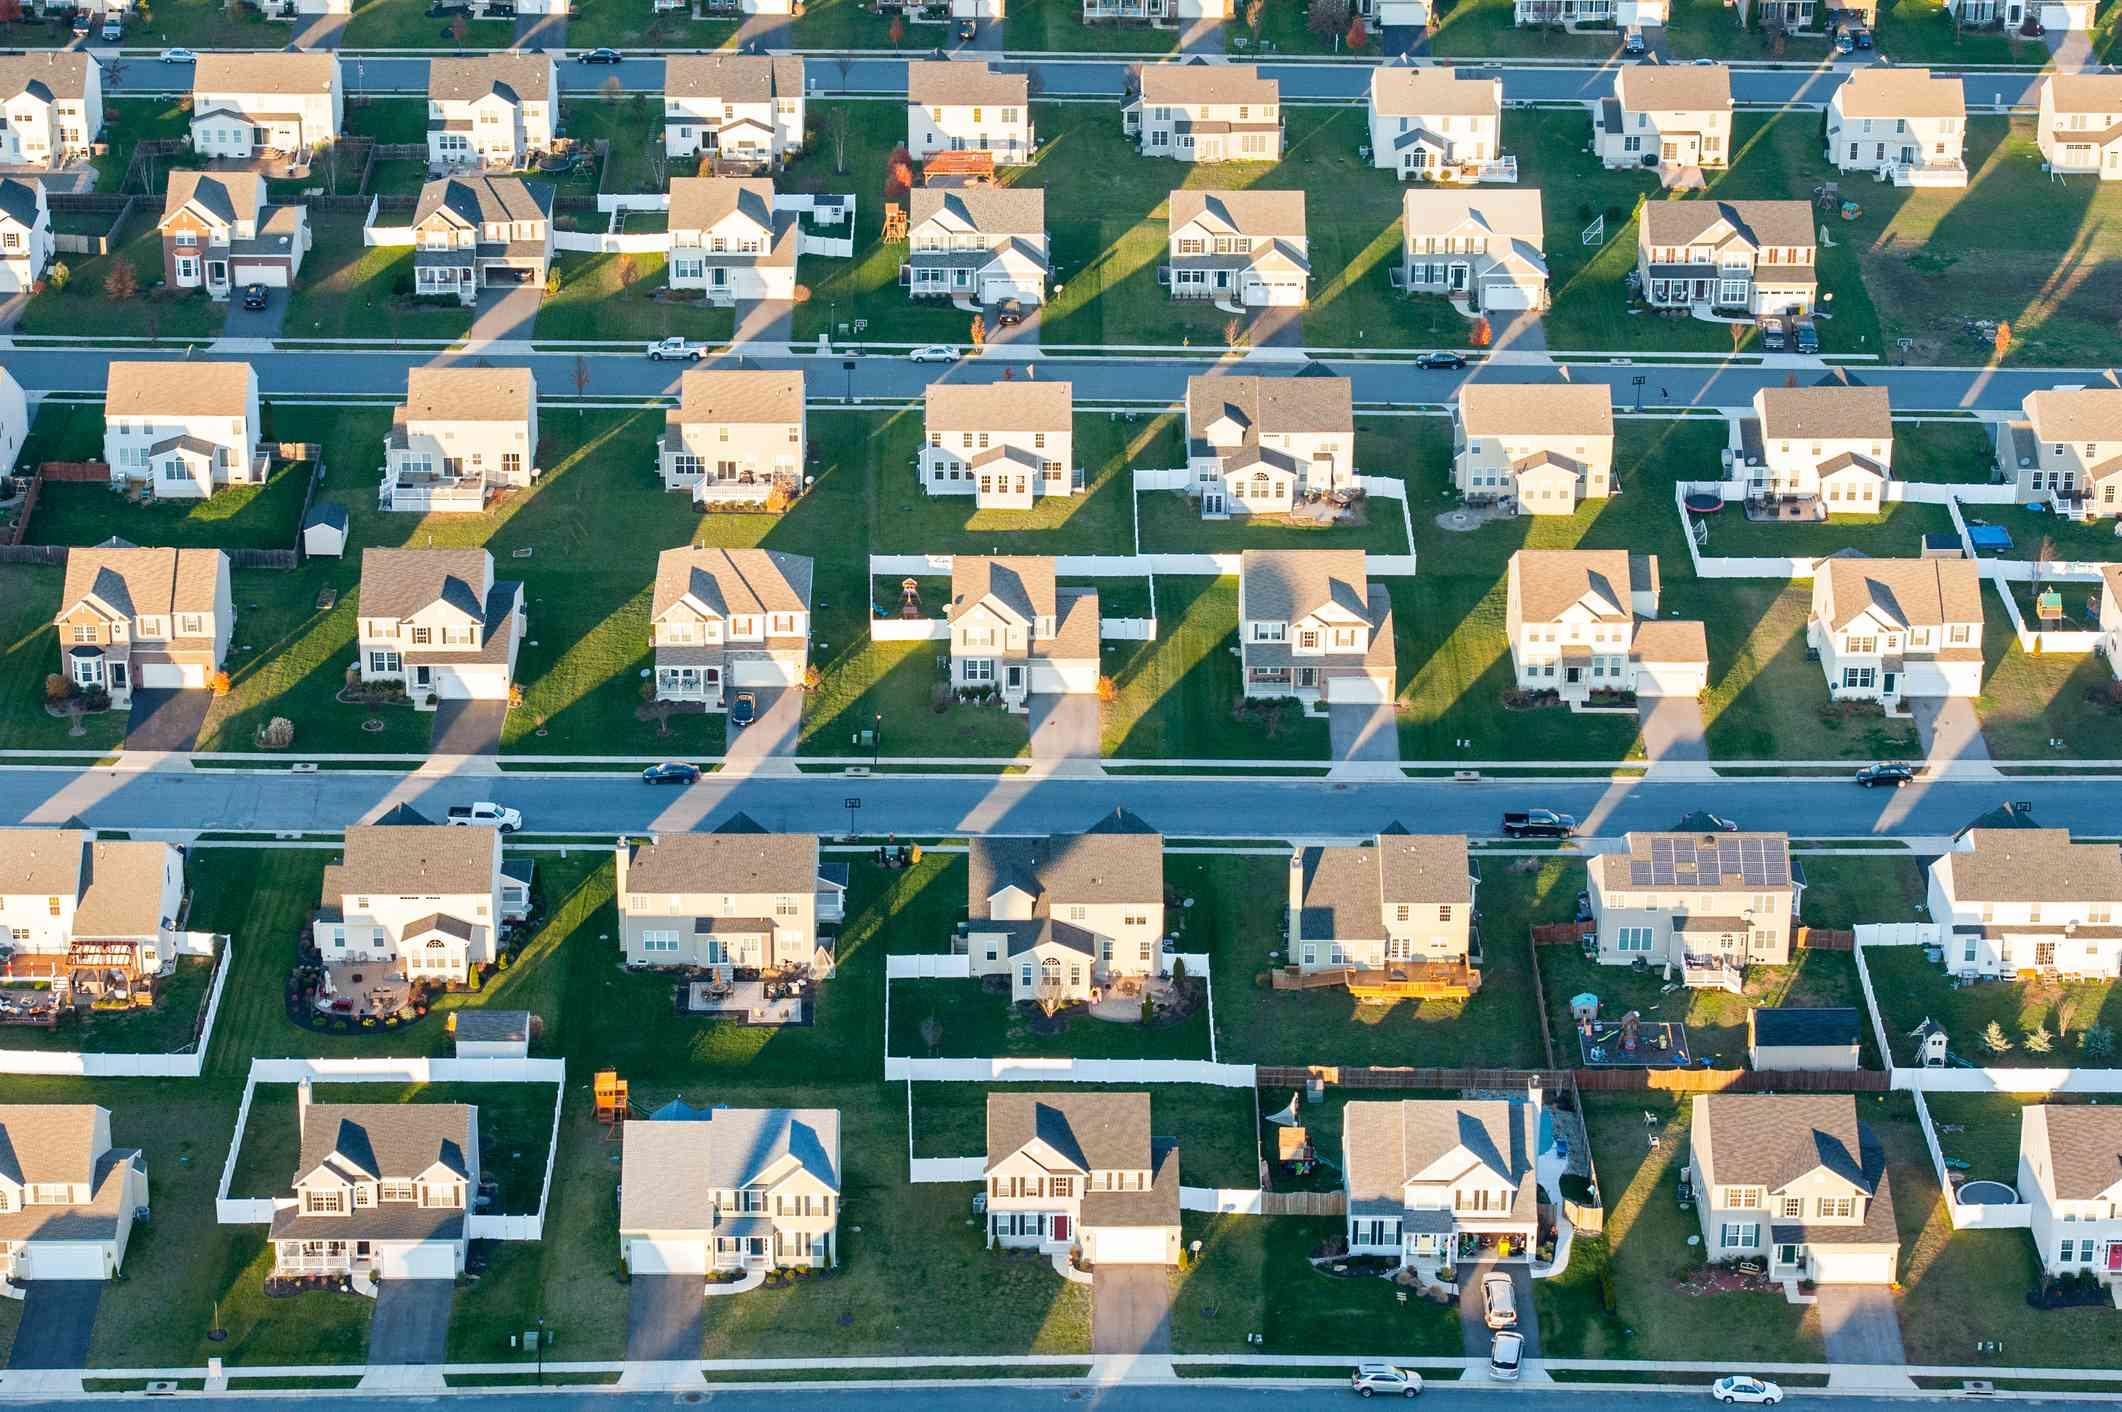 A tract housing development.